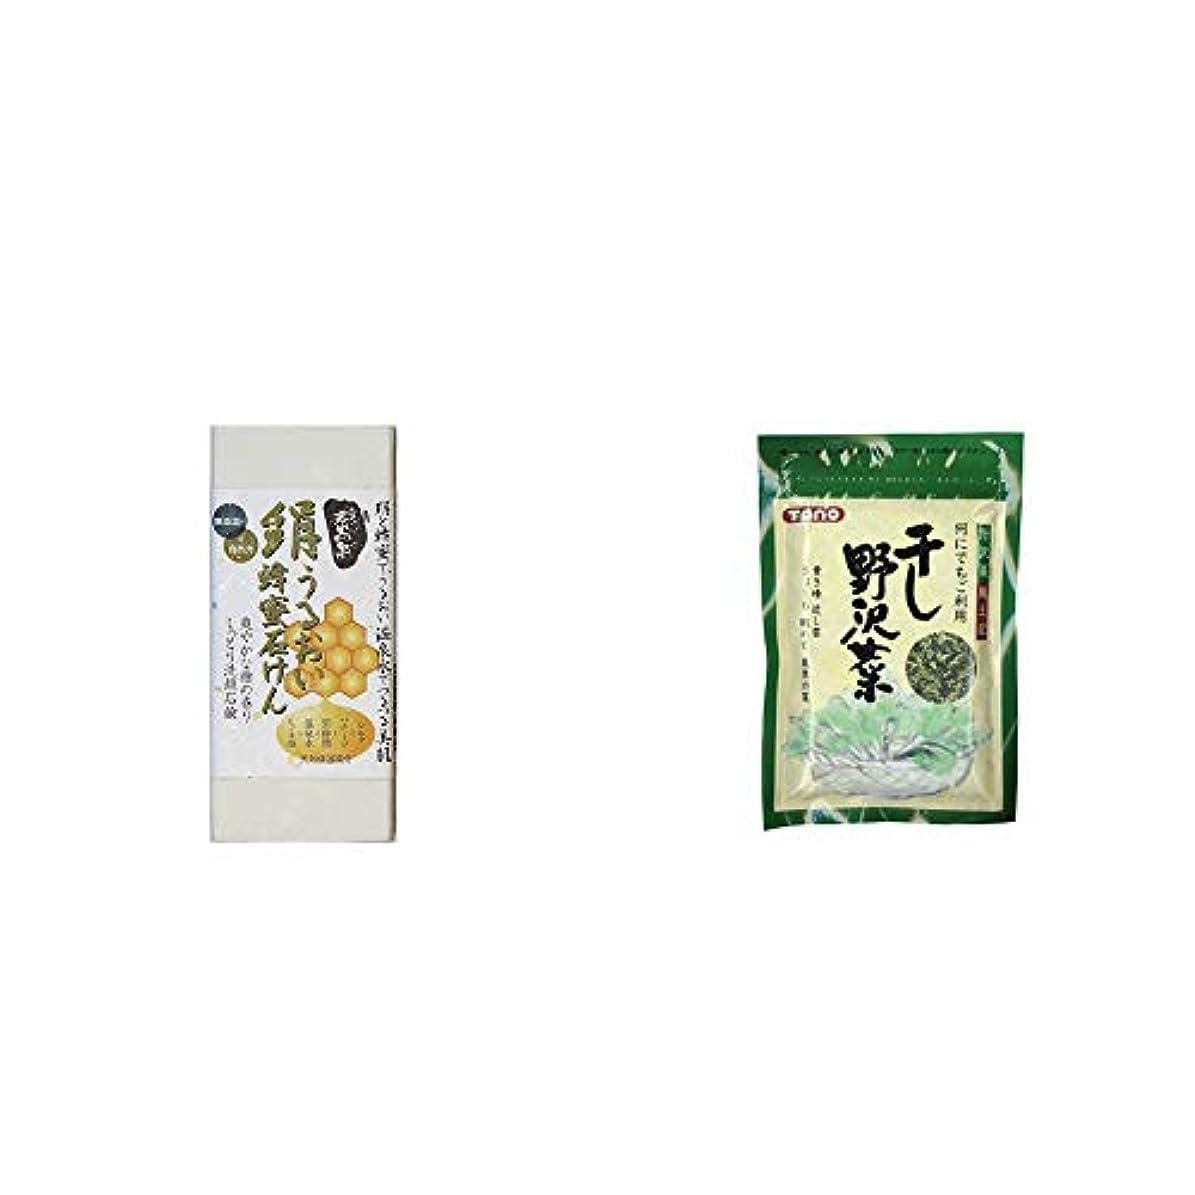 耕す瞑想的協力[2点セット] ひのき炭黒泉 絹うるおい蜂蜜石けん(75g×2)?干し野沢菜(100g)